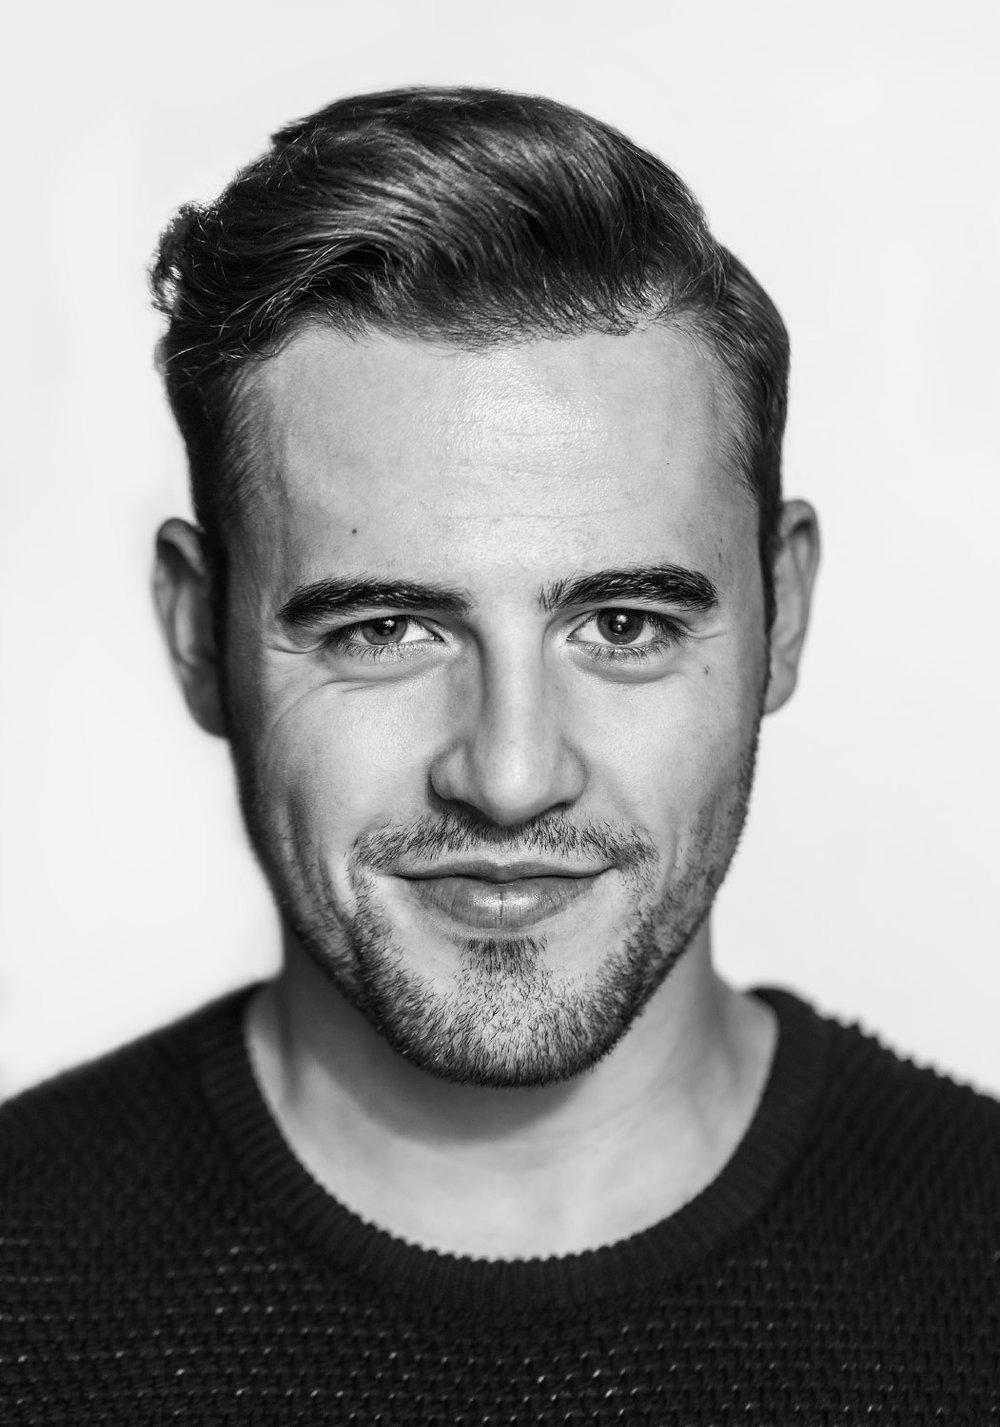 Adam Godoi black and white portrait